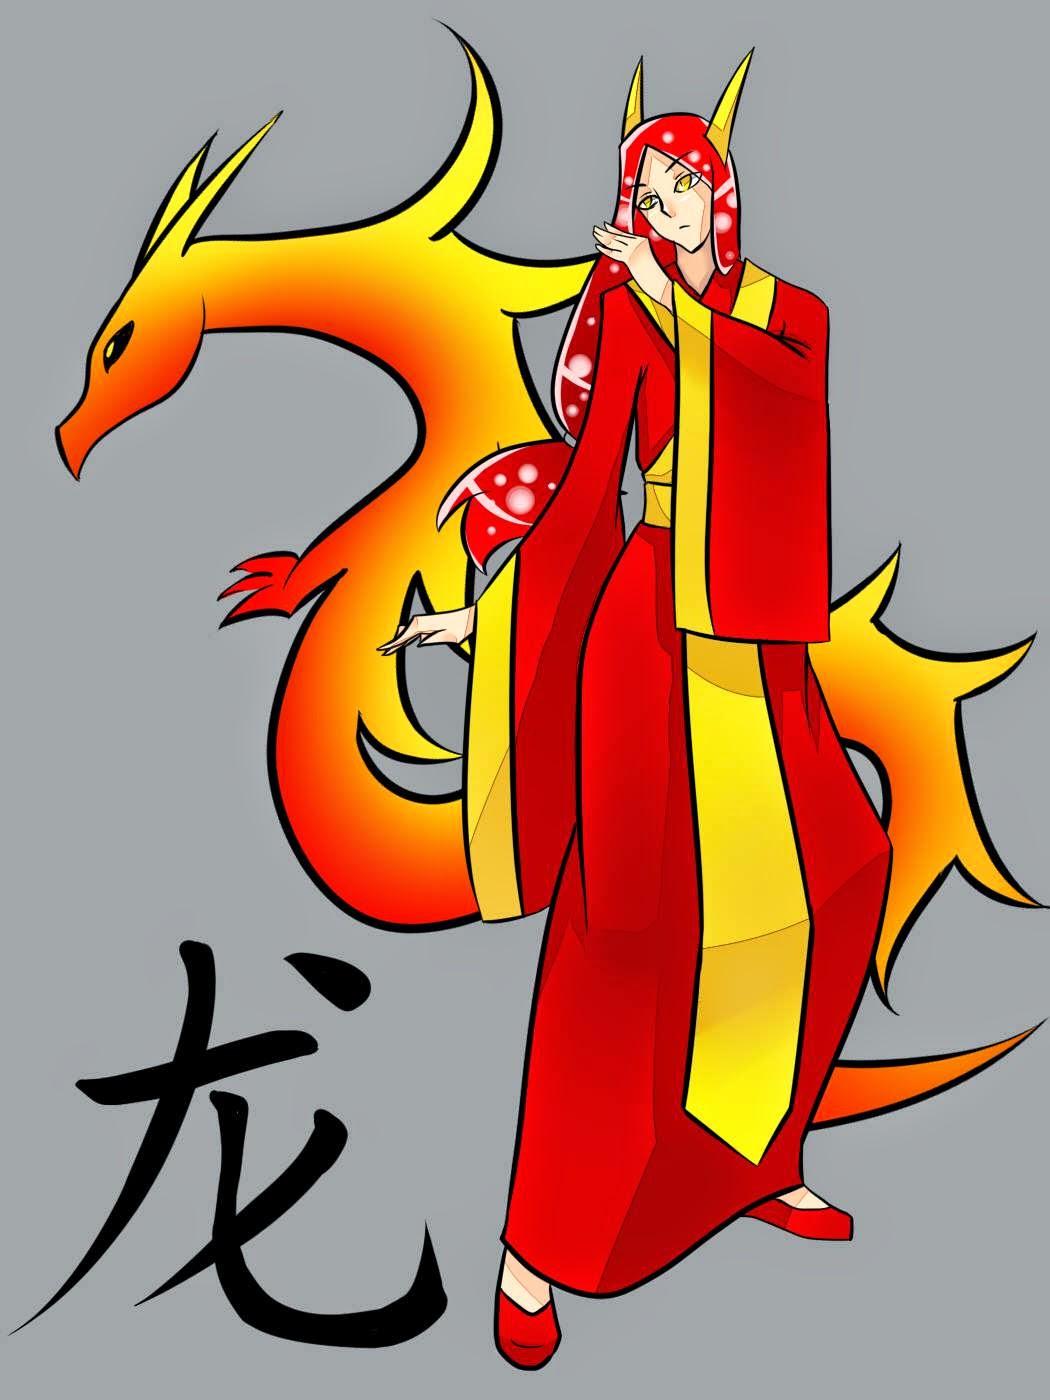 Imagen del Zodiaco Chino, símbolo del Dragón